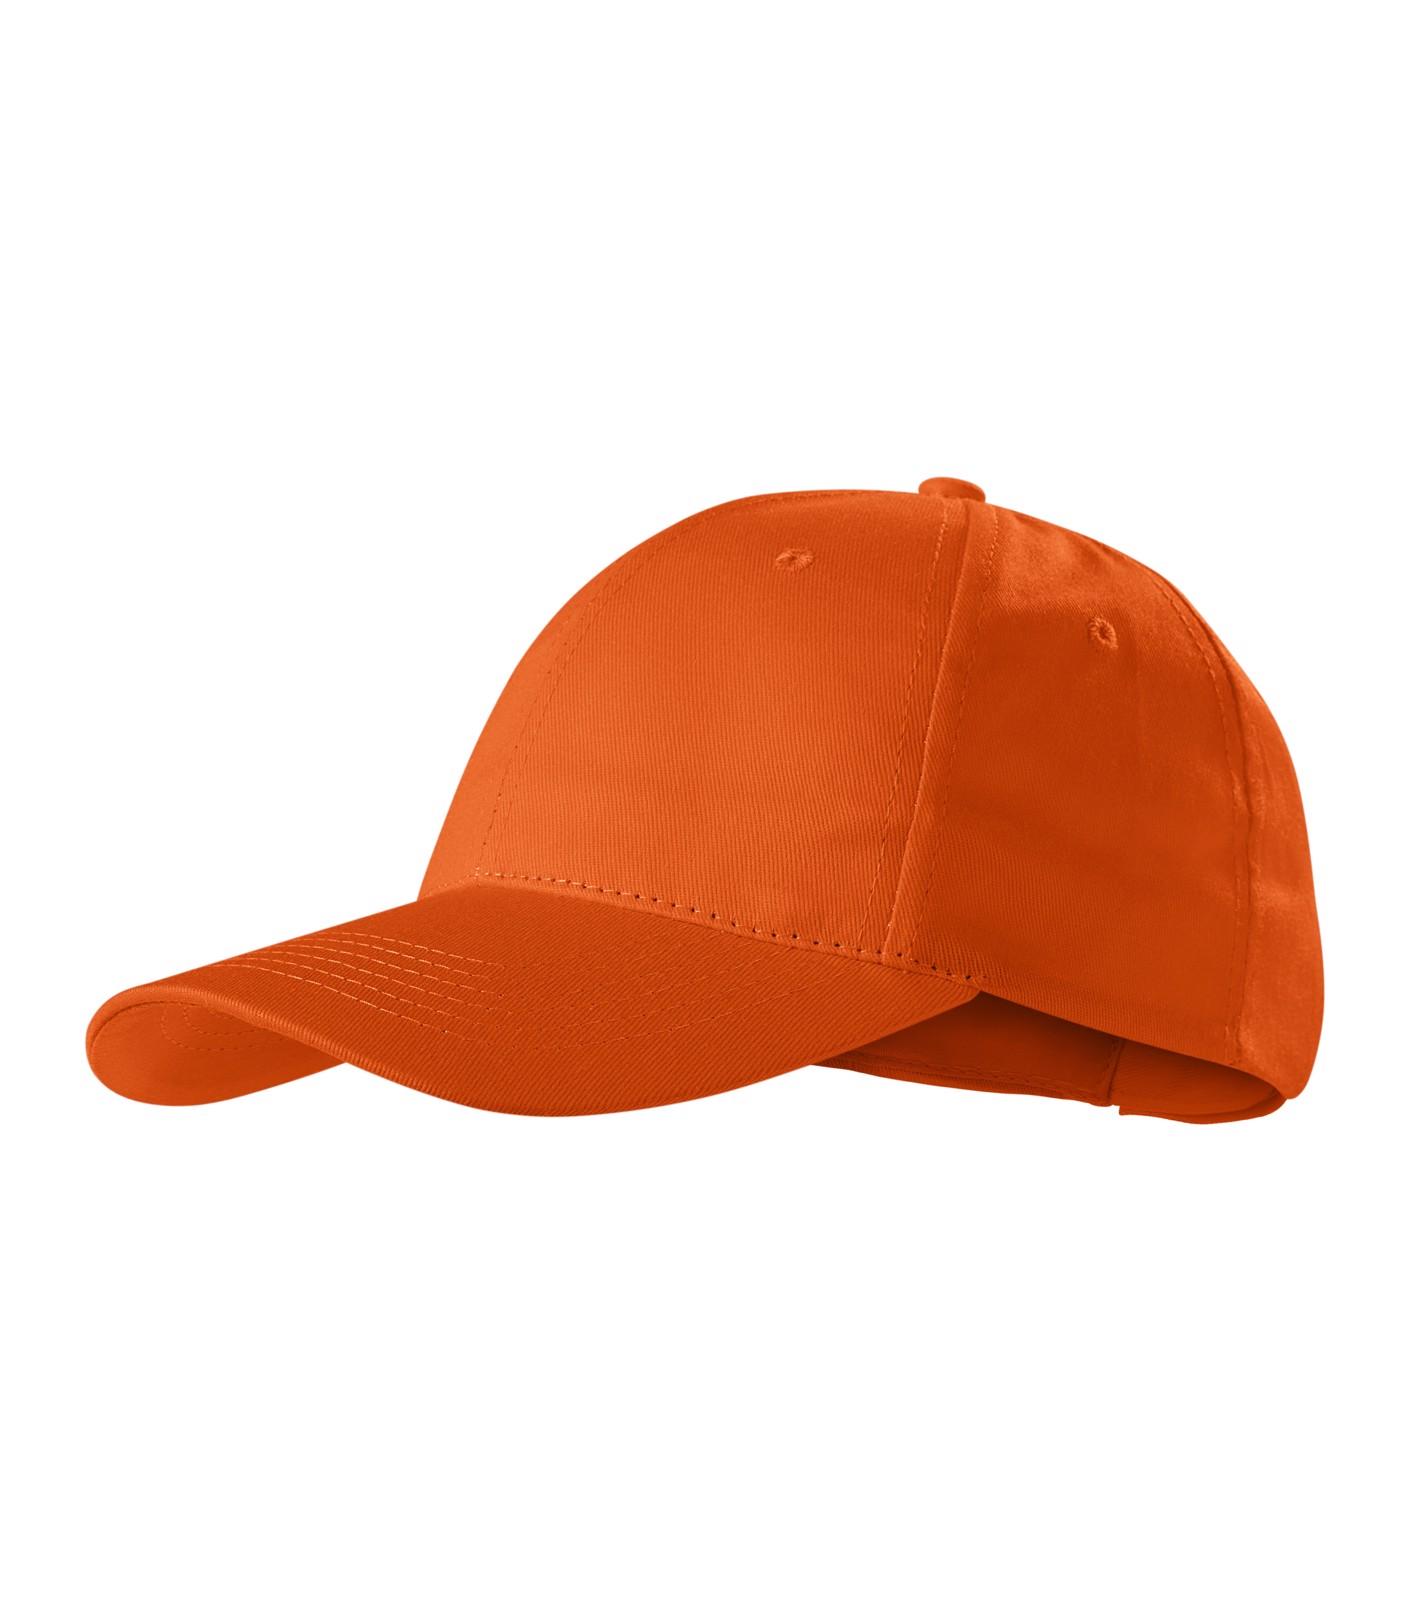 Cap unisex Piccolio Sunshine - Orange / adjustable